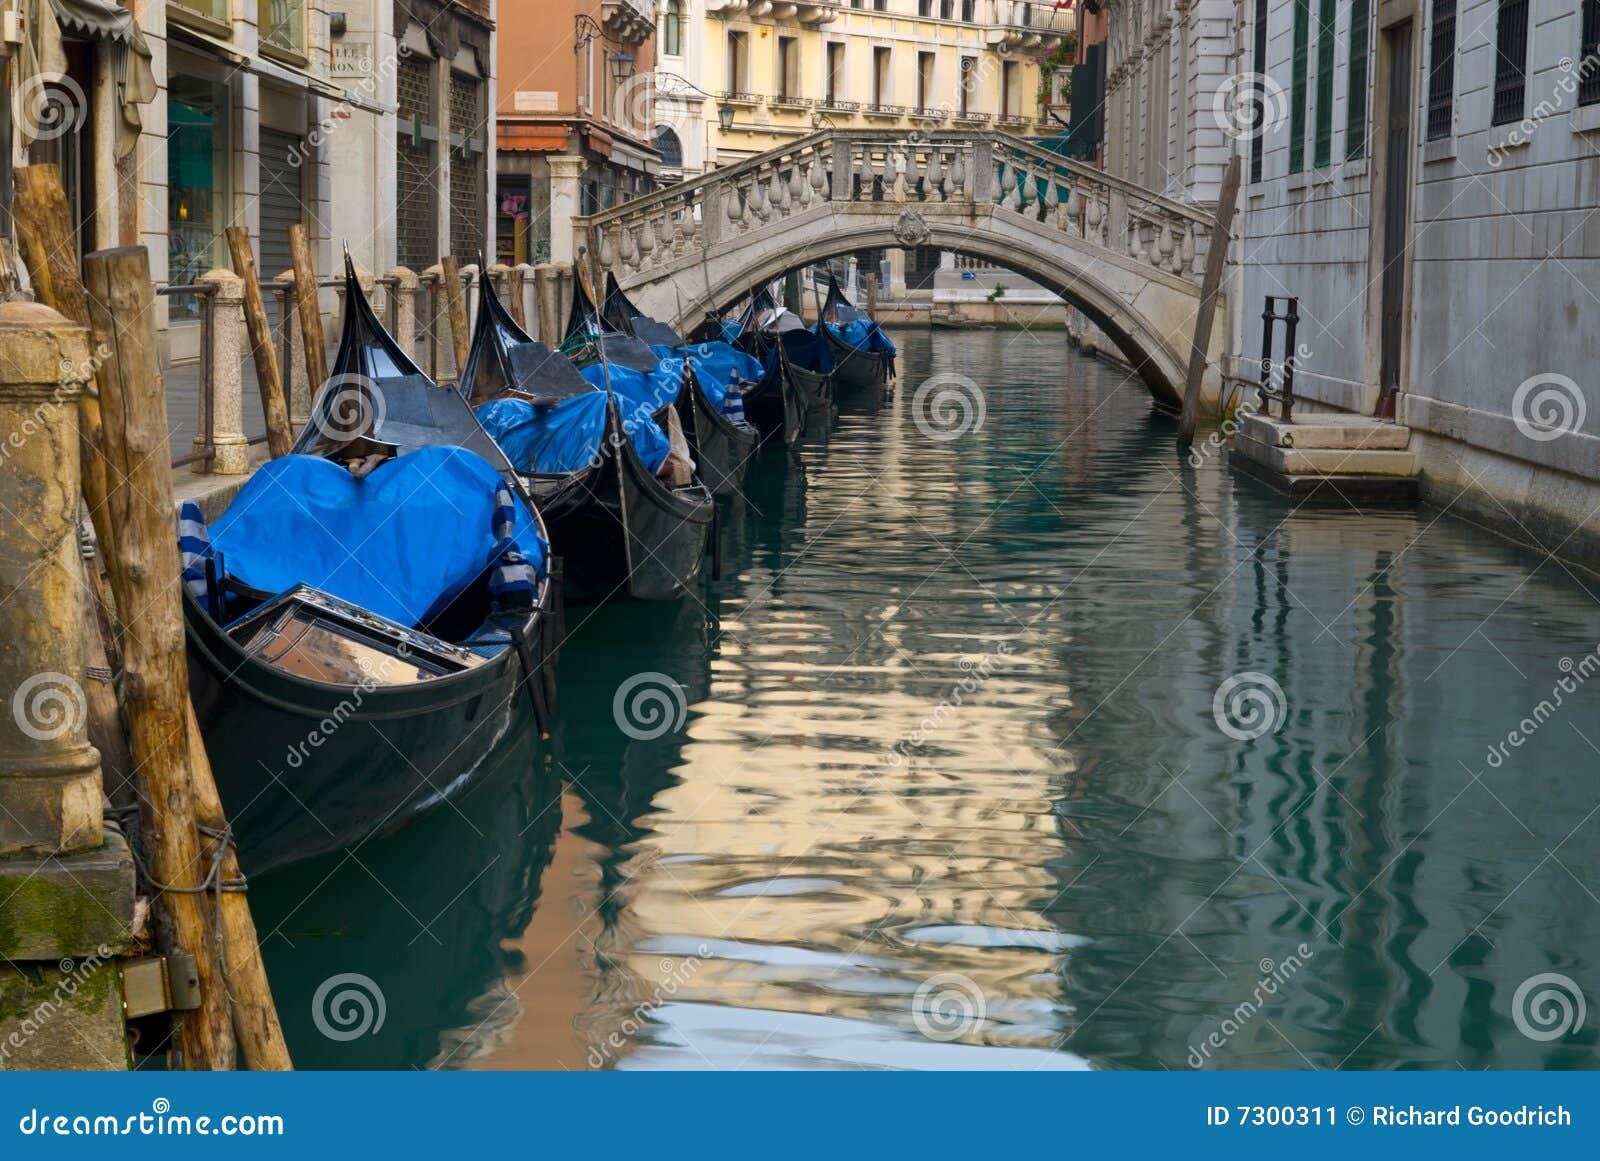 Gondole sul canale veneziano.